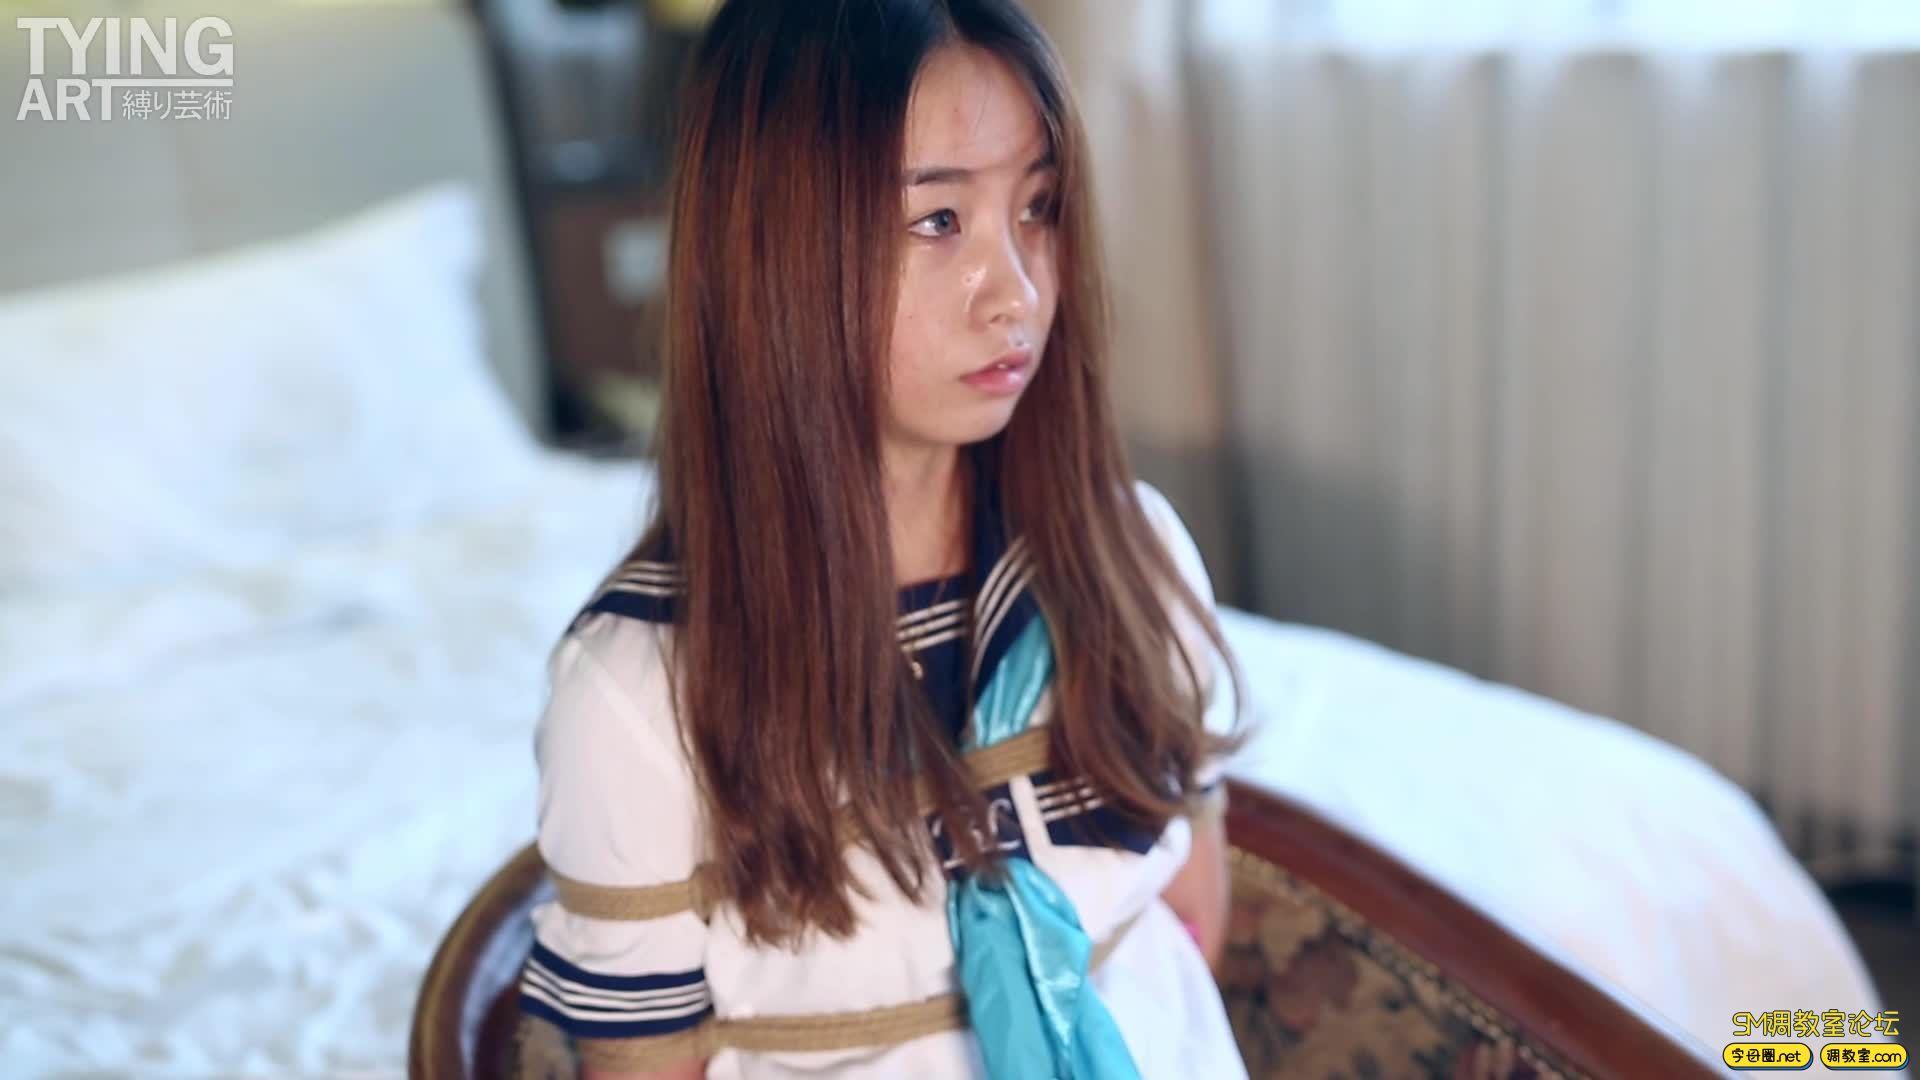 TYINGART新作美少女スレーブ養成日記 整片01 女孩在路上突然被捉了,然後被培養成M-视频截图3